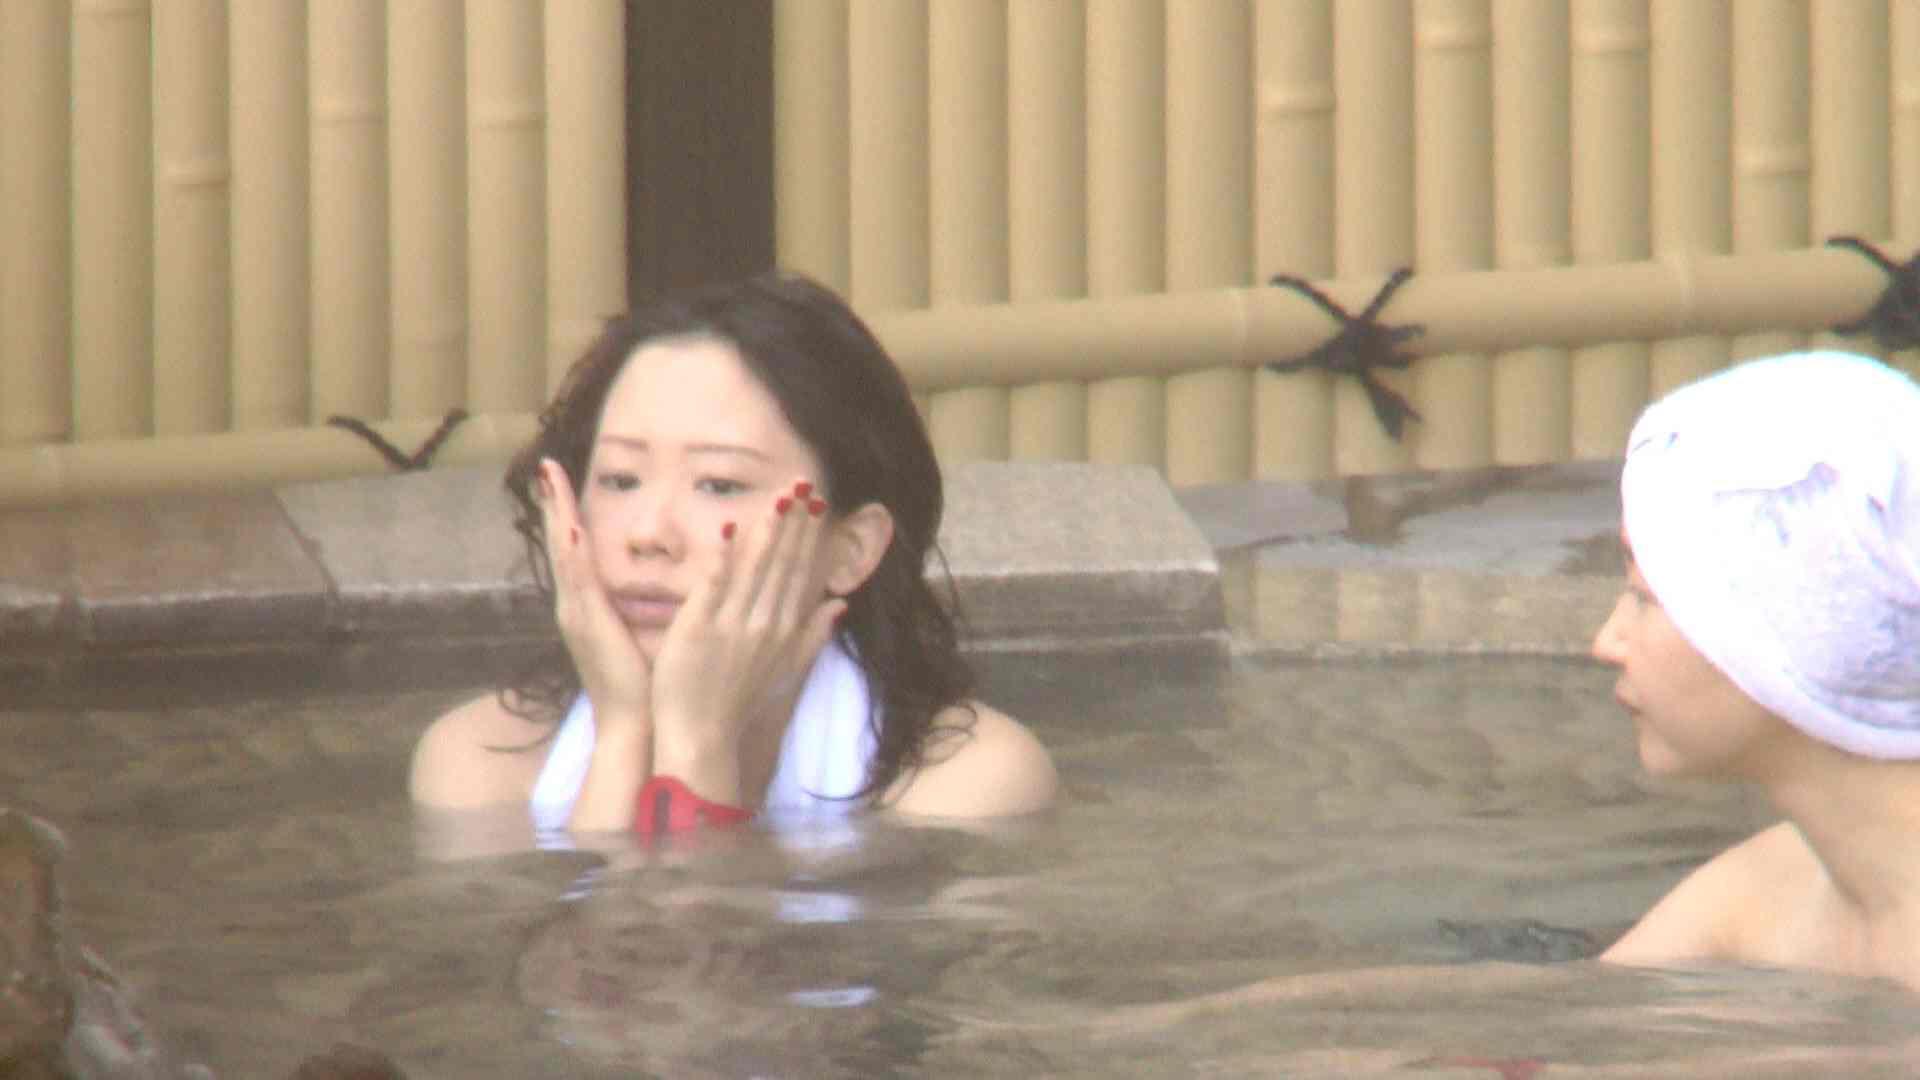 Aquaな露天風呂Vol.211 盗撮シリーズ  76PIX 2